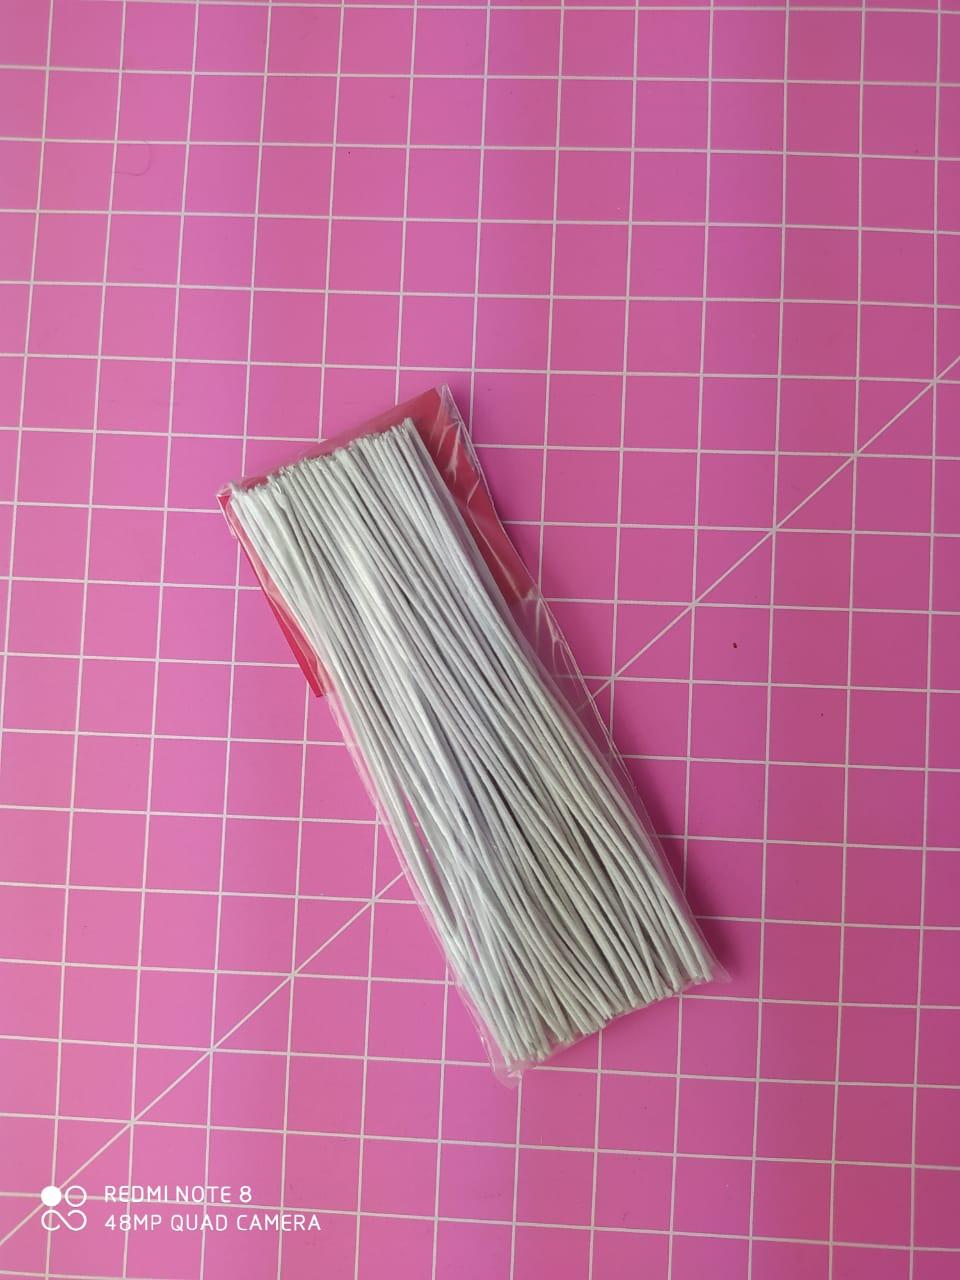 Arame encapado espessura nº 23 - 10cm c/100 unidades